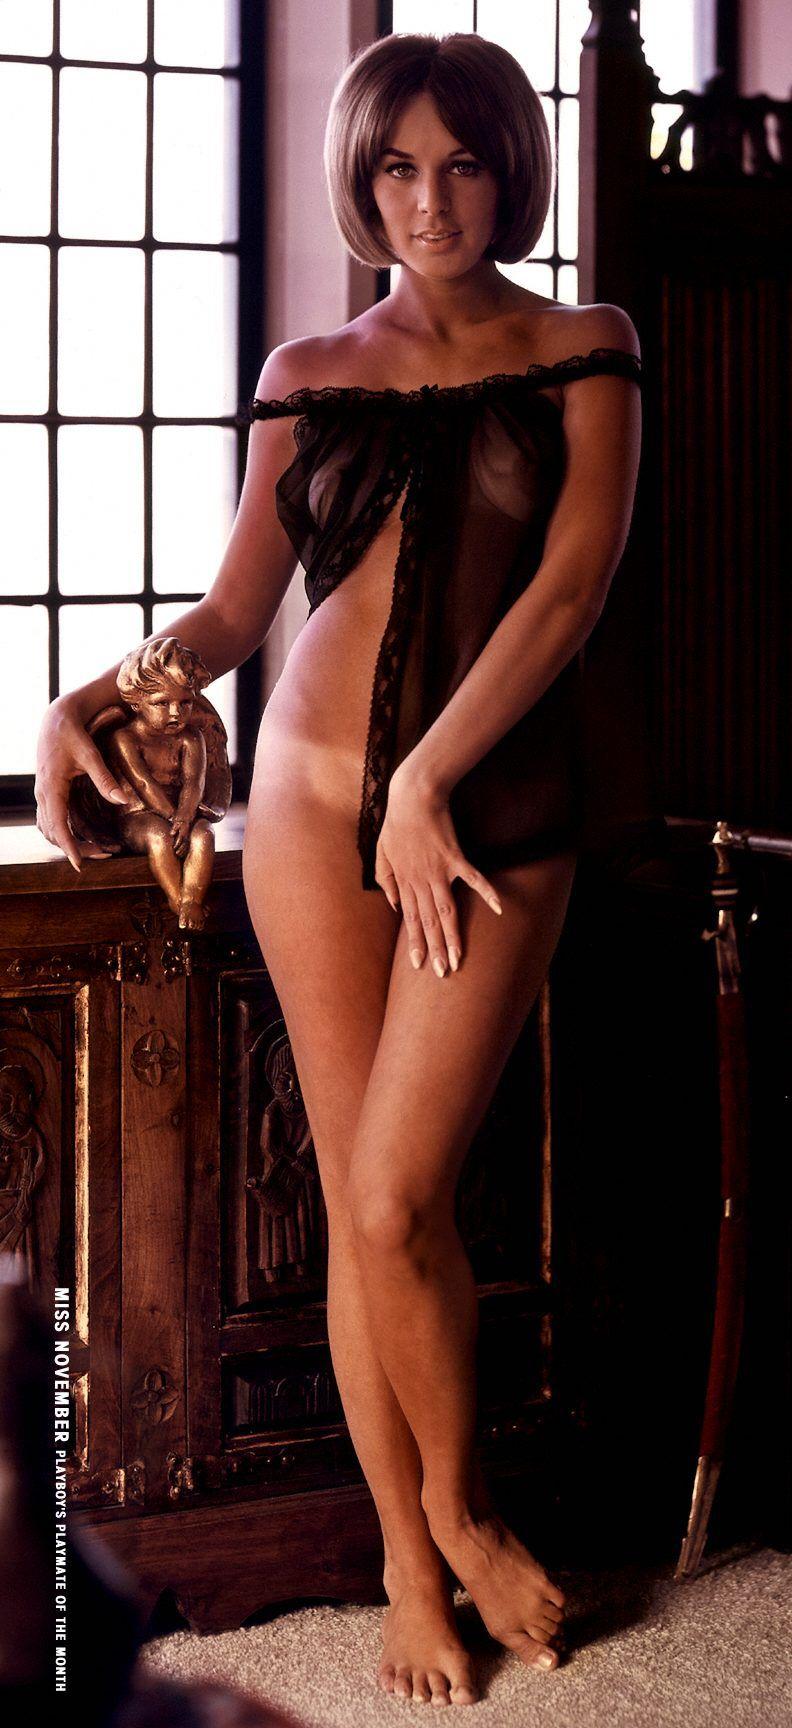 Pretty amish women nude